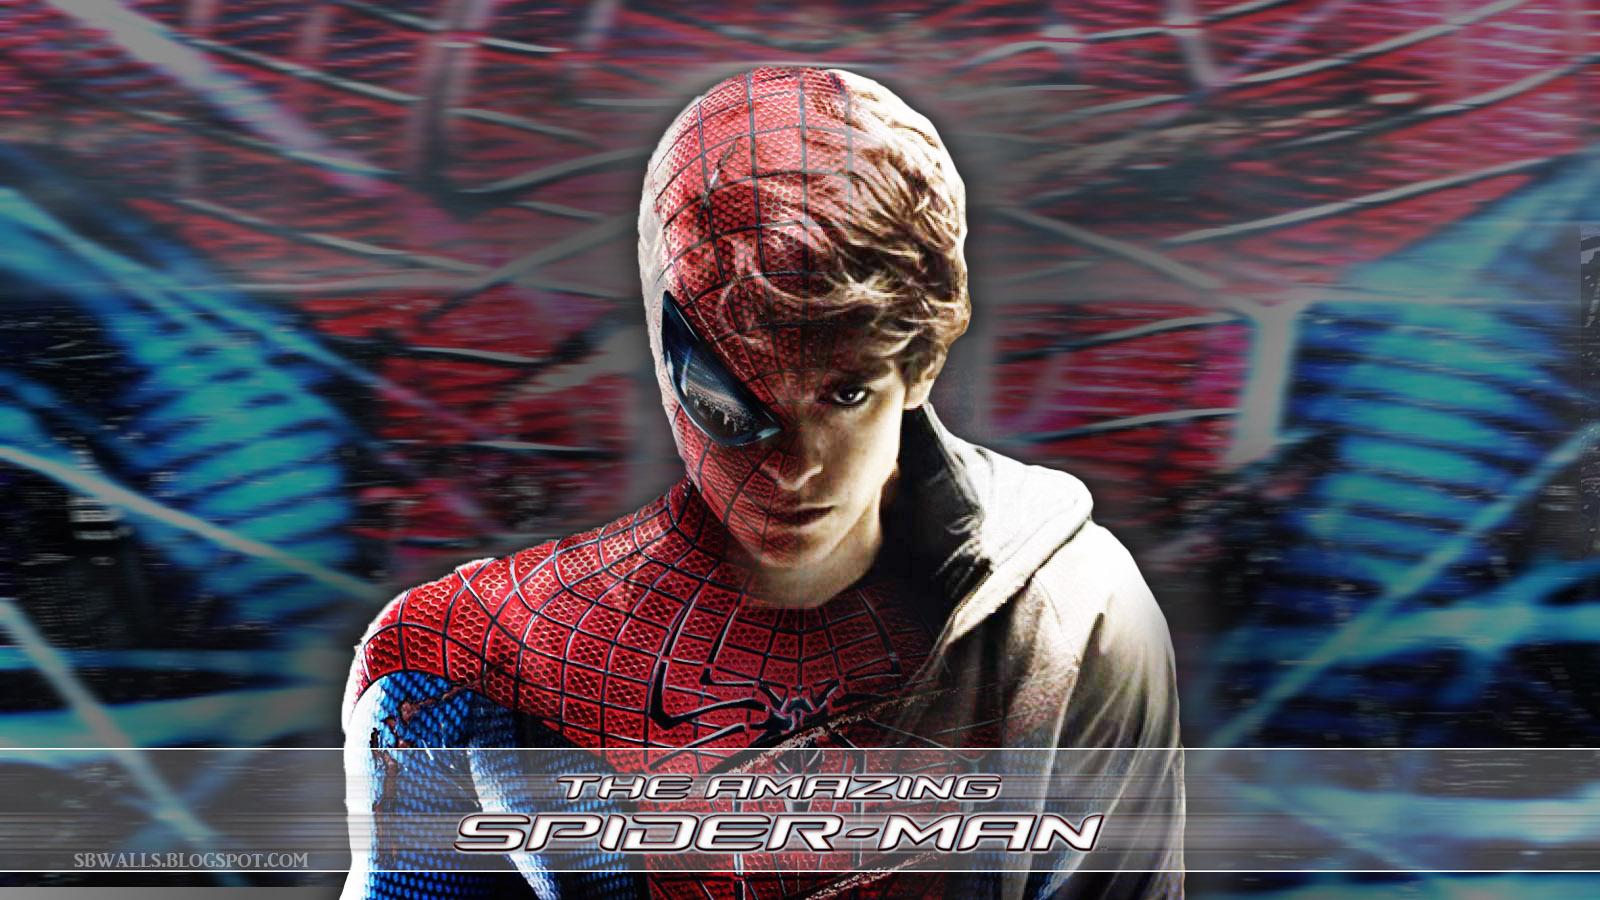 Amazing Spiderman Movie wallpaper   Spider Man Wallpaper 31480807 1600x900